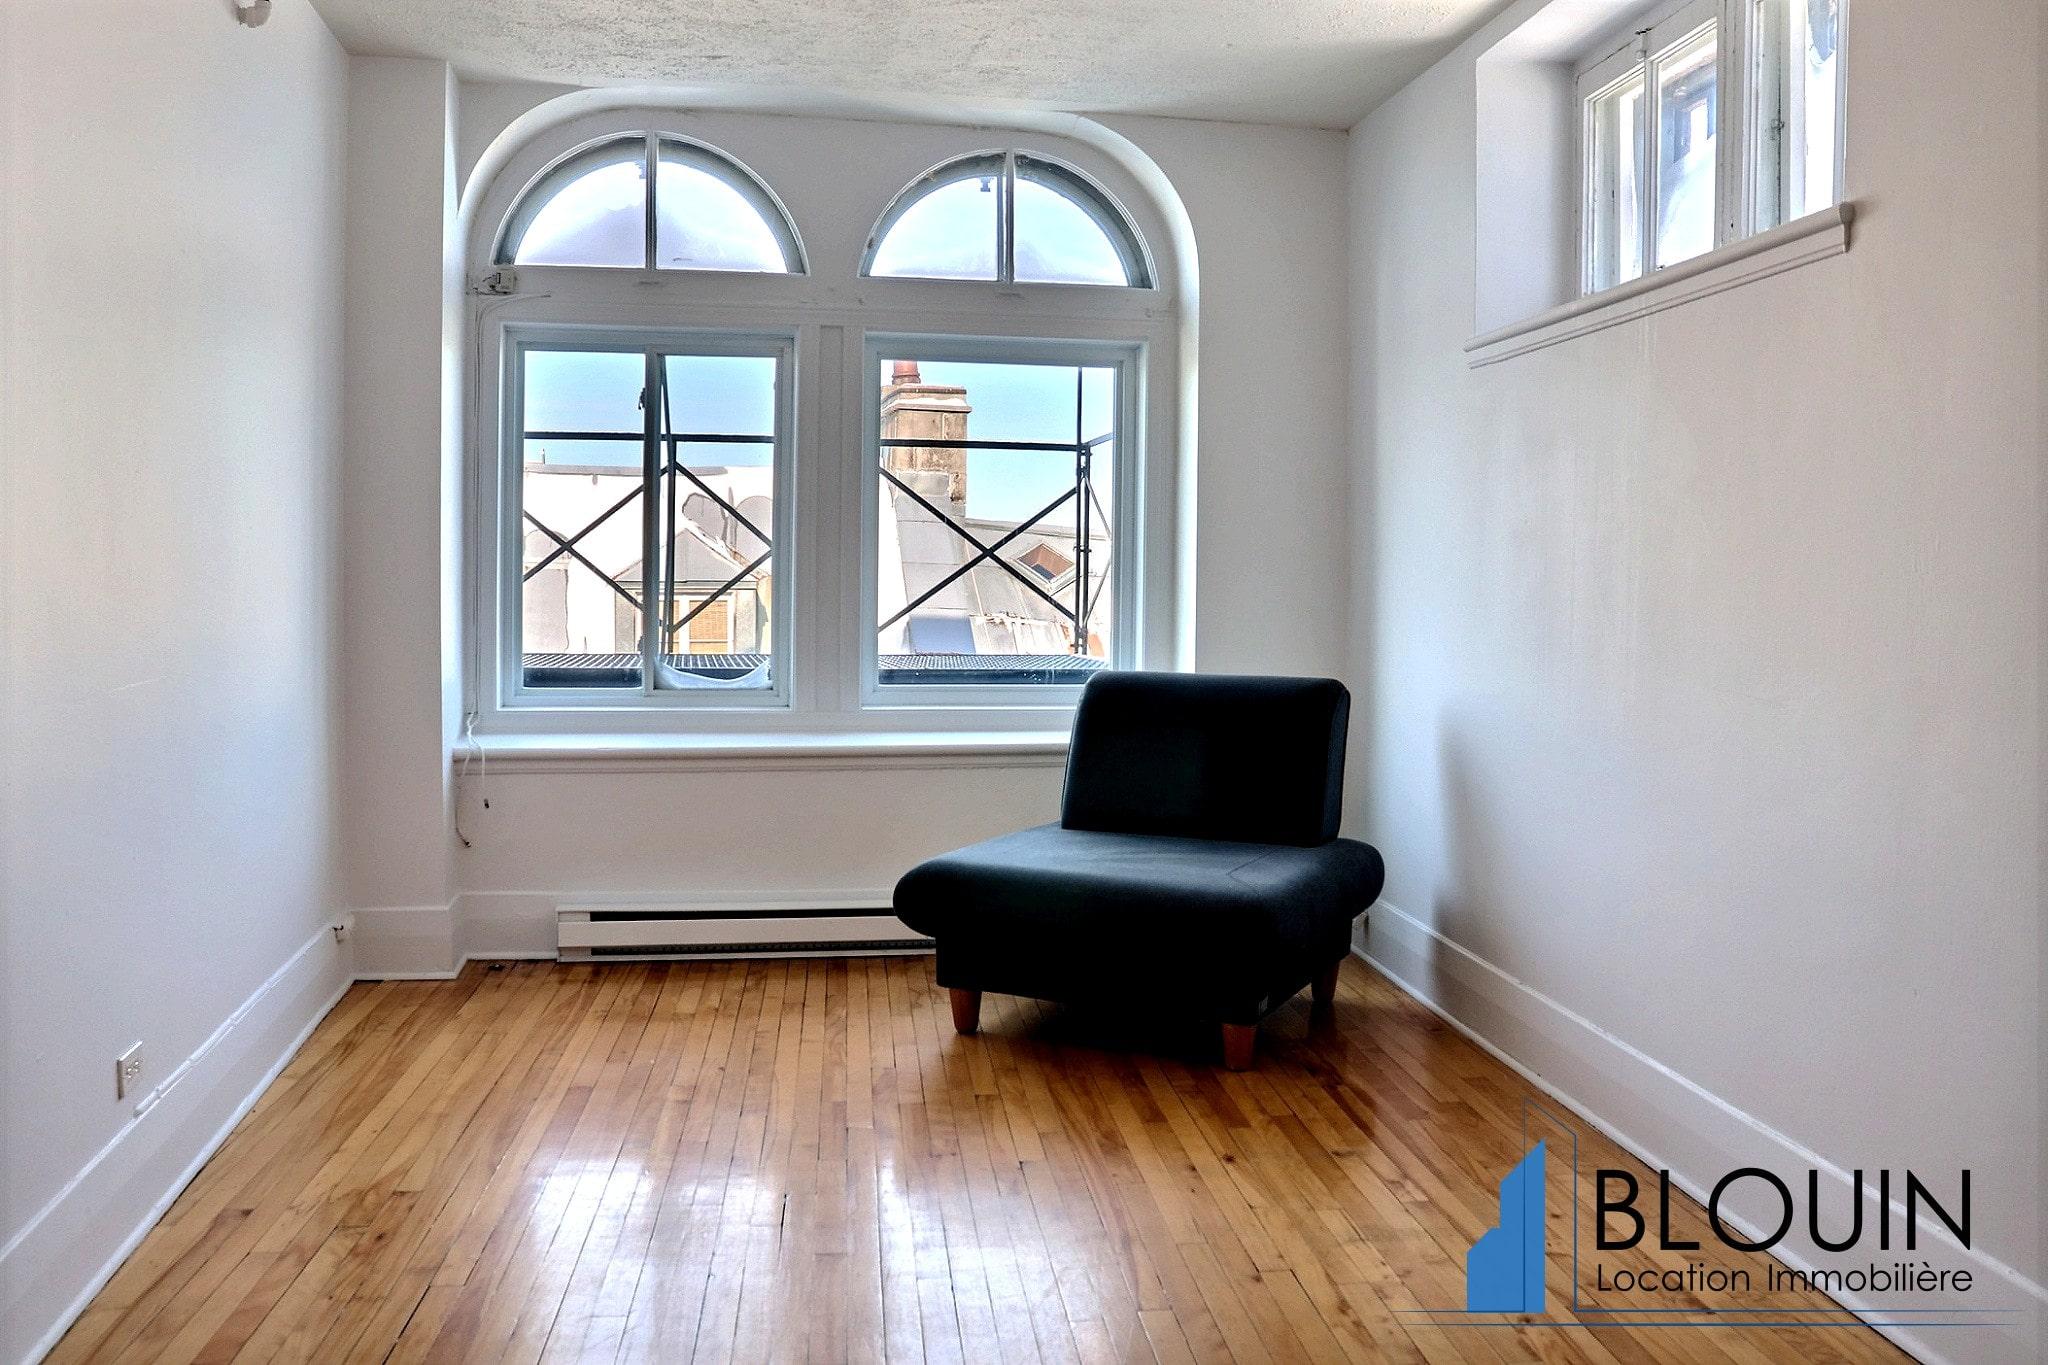 4 ½, Vieux-Québec, Dernier étages, Libre maintenant, Semi-meublé et eau chaude inclus.